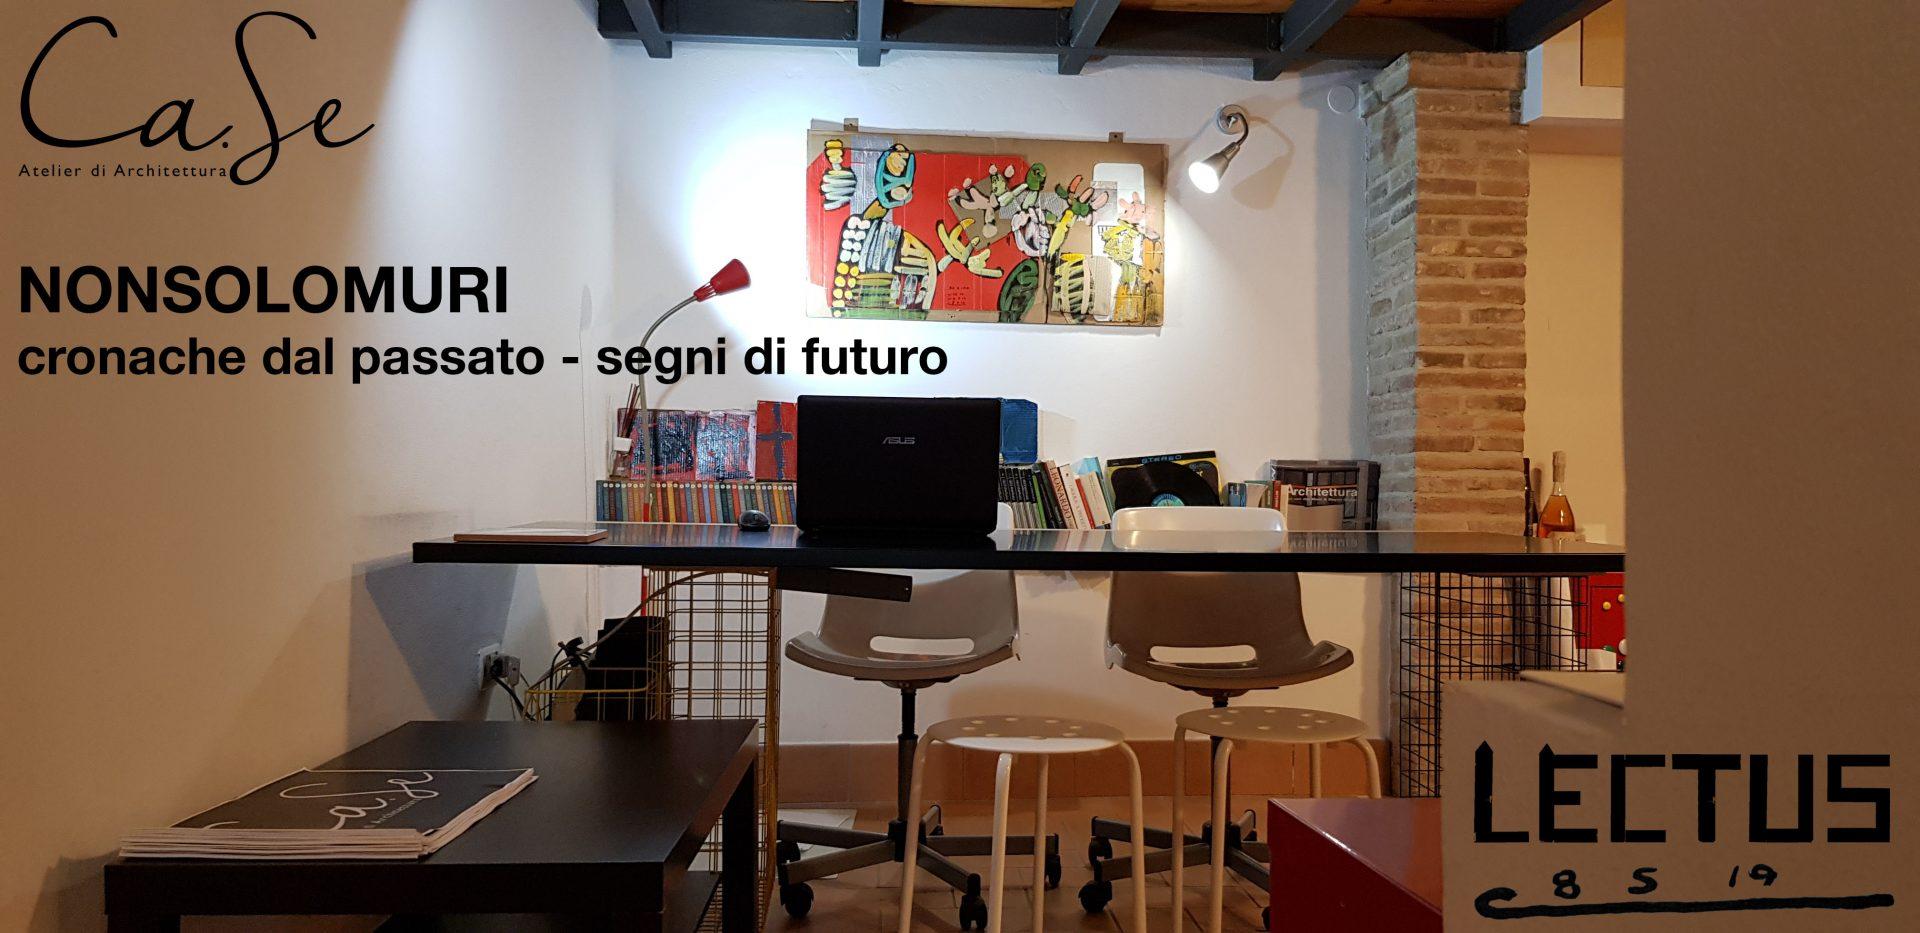 Ca.Se Atelier di Architettura - NONSOLOMURI - con LECTUS TERAMO e SILVIO CORTELLINI